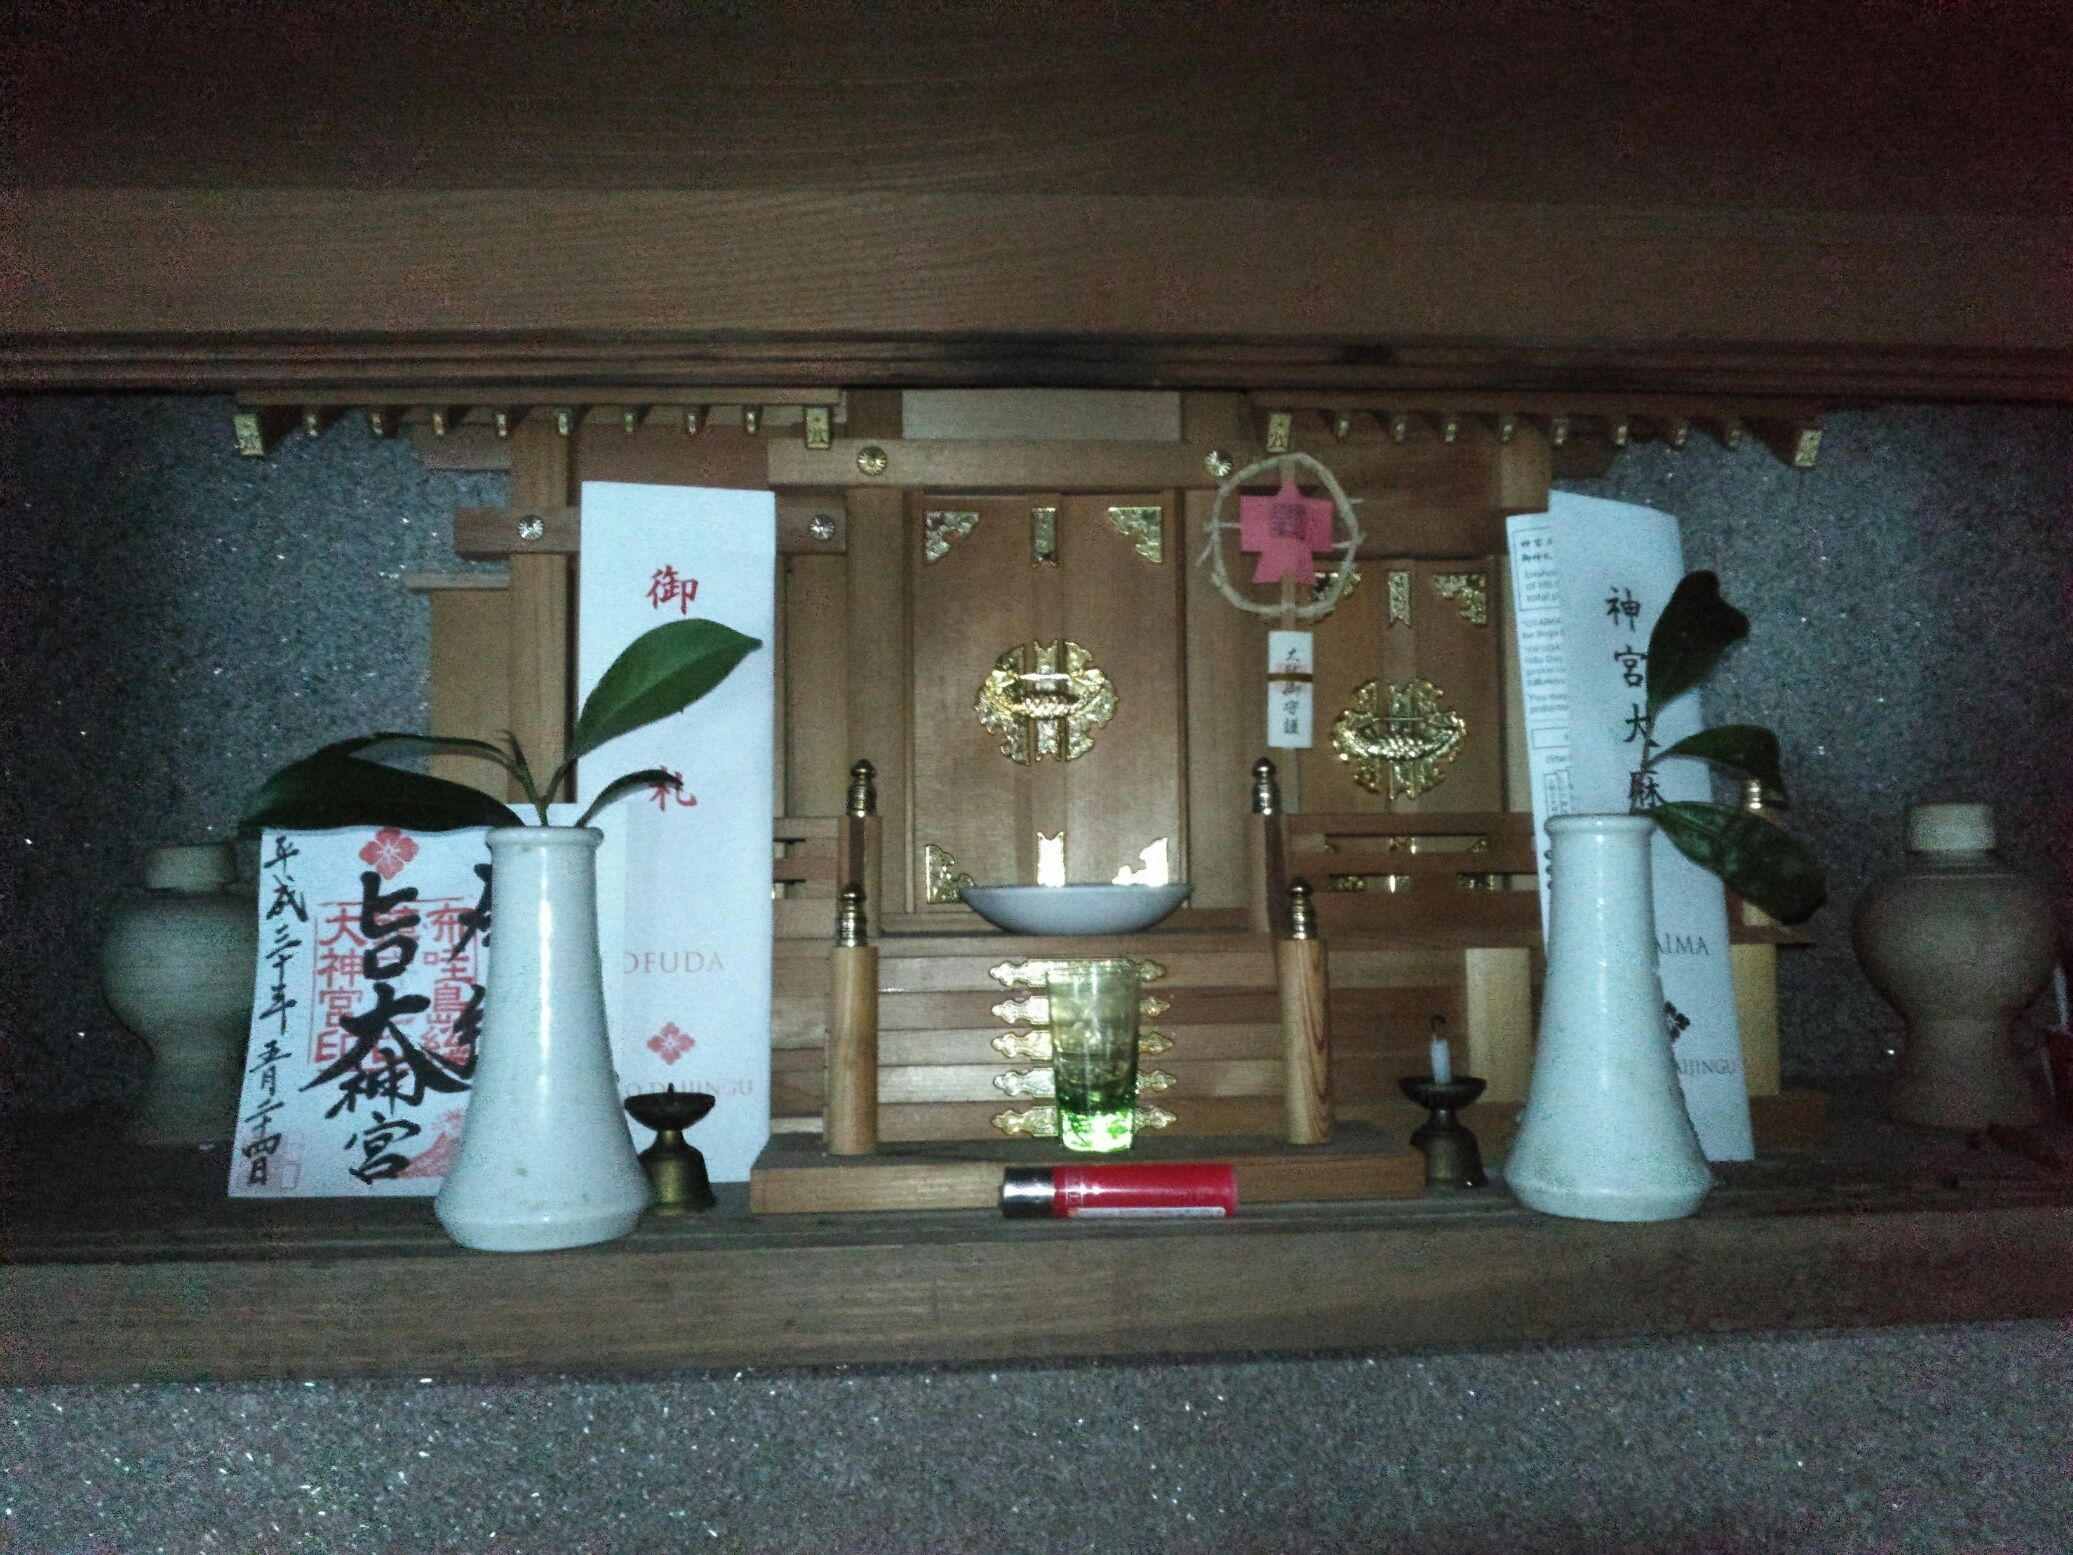 遺族会ITTEQ眞崇輝李斗作戦😎   山ちゃん5963 - 楽天ブログ